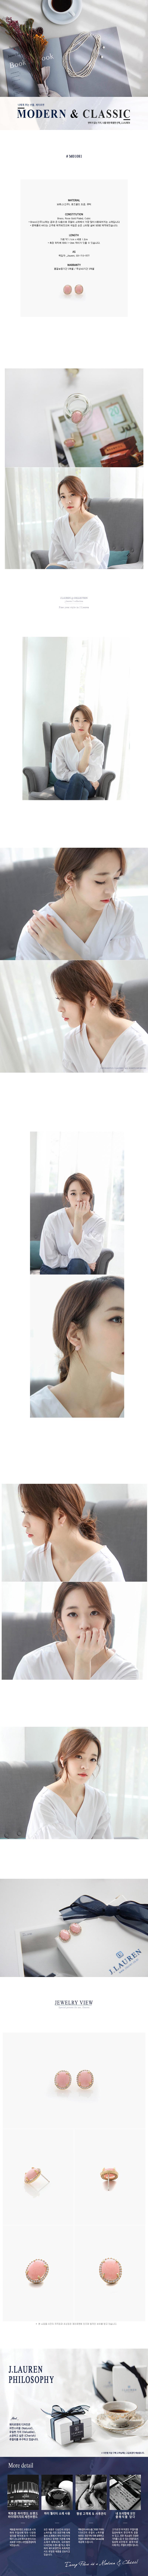 제이로렌 9M01081 핑크오팔 라운드 큐빅 귀걸이 - 바이데이지, 28,000원, 진주/원석, 볼귀걸이